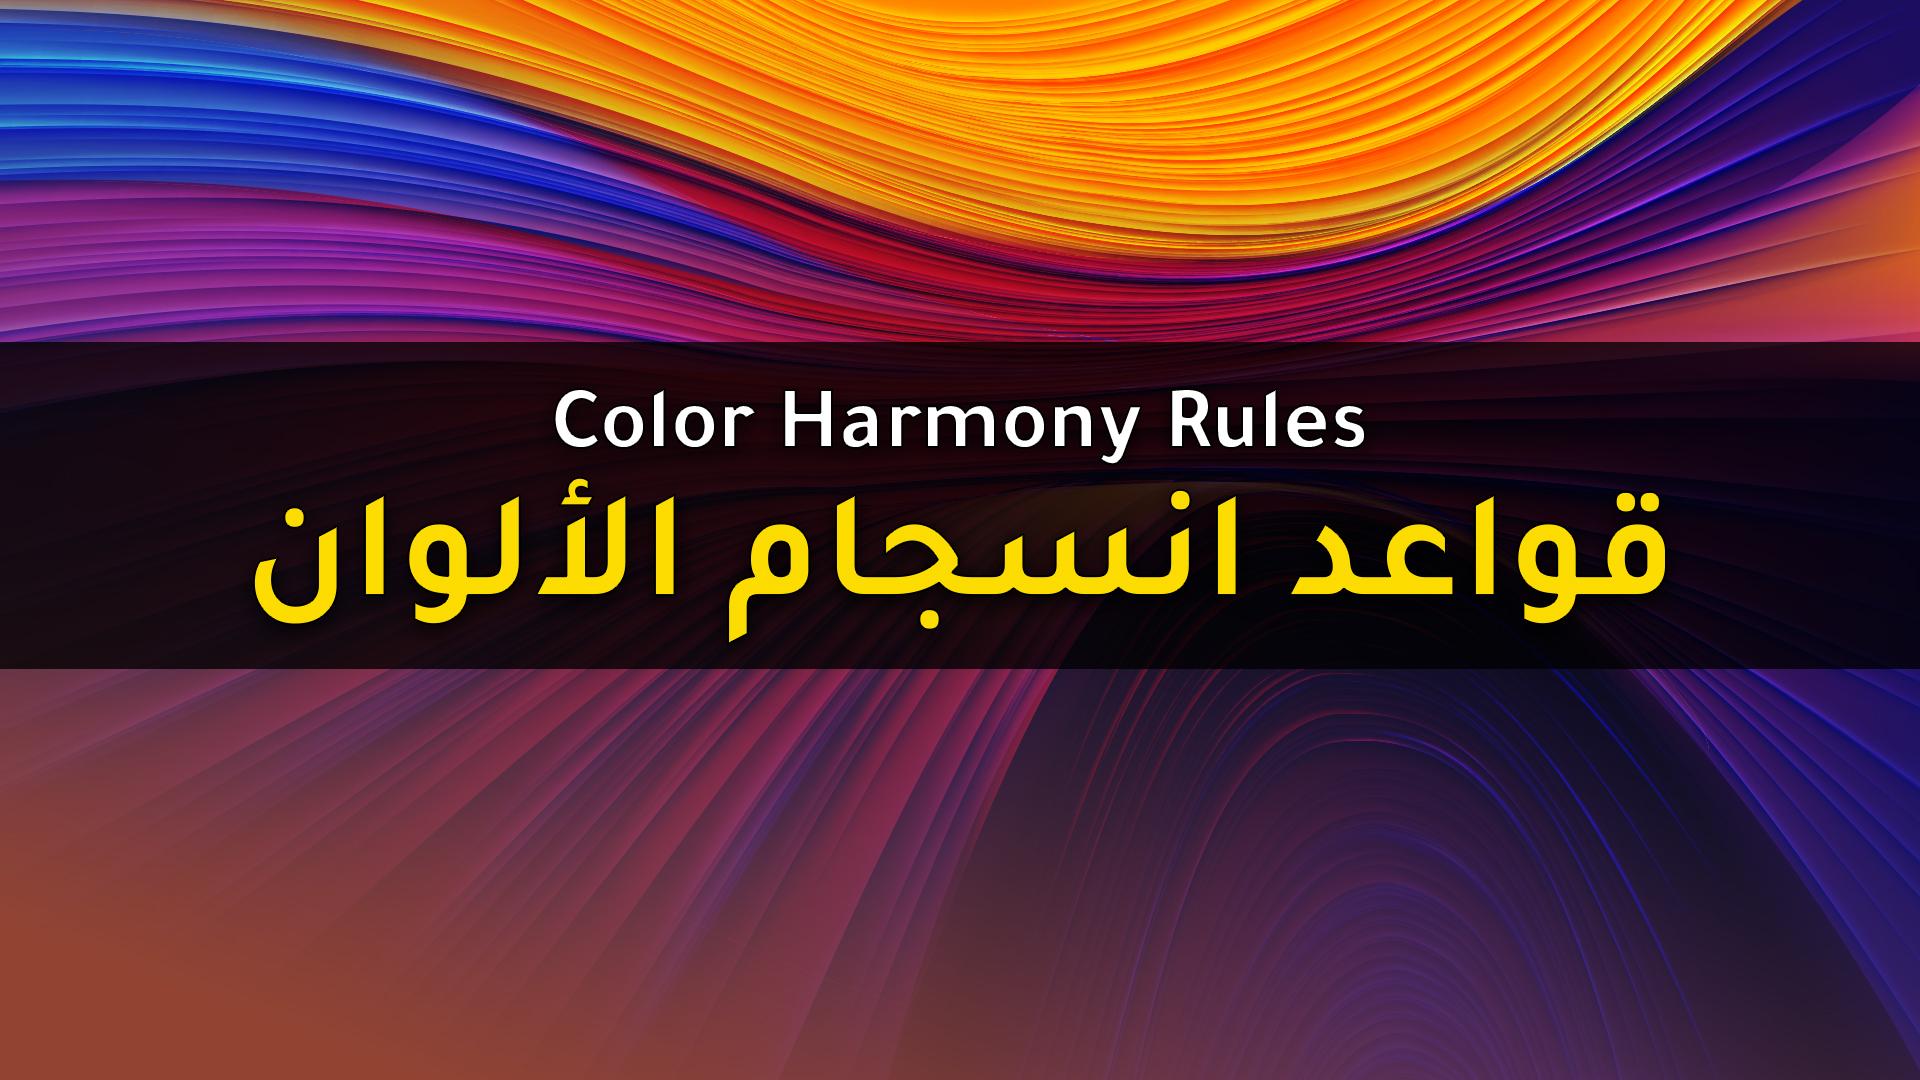 الانسجام اللوني والقواعد العلمية لانتقاء الألوان